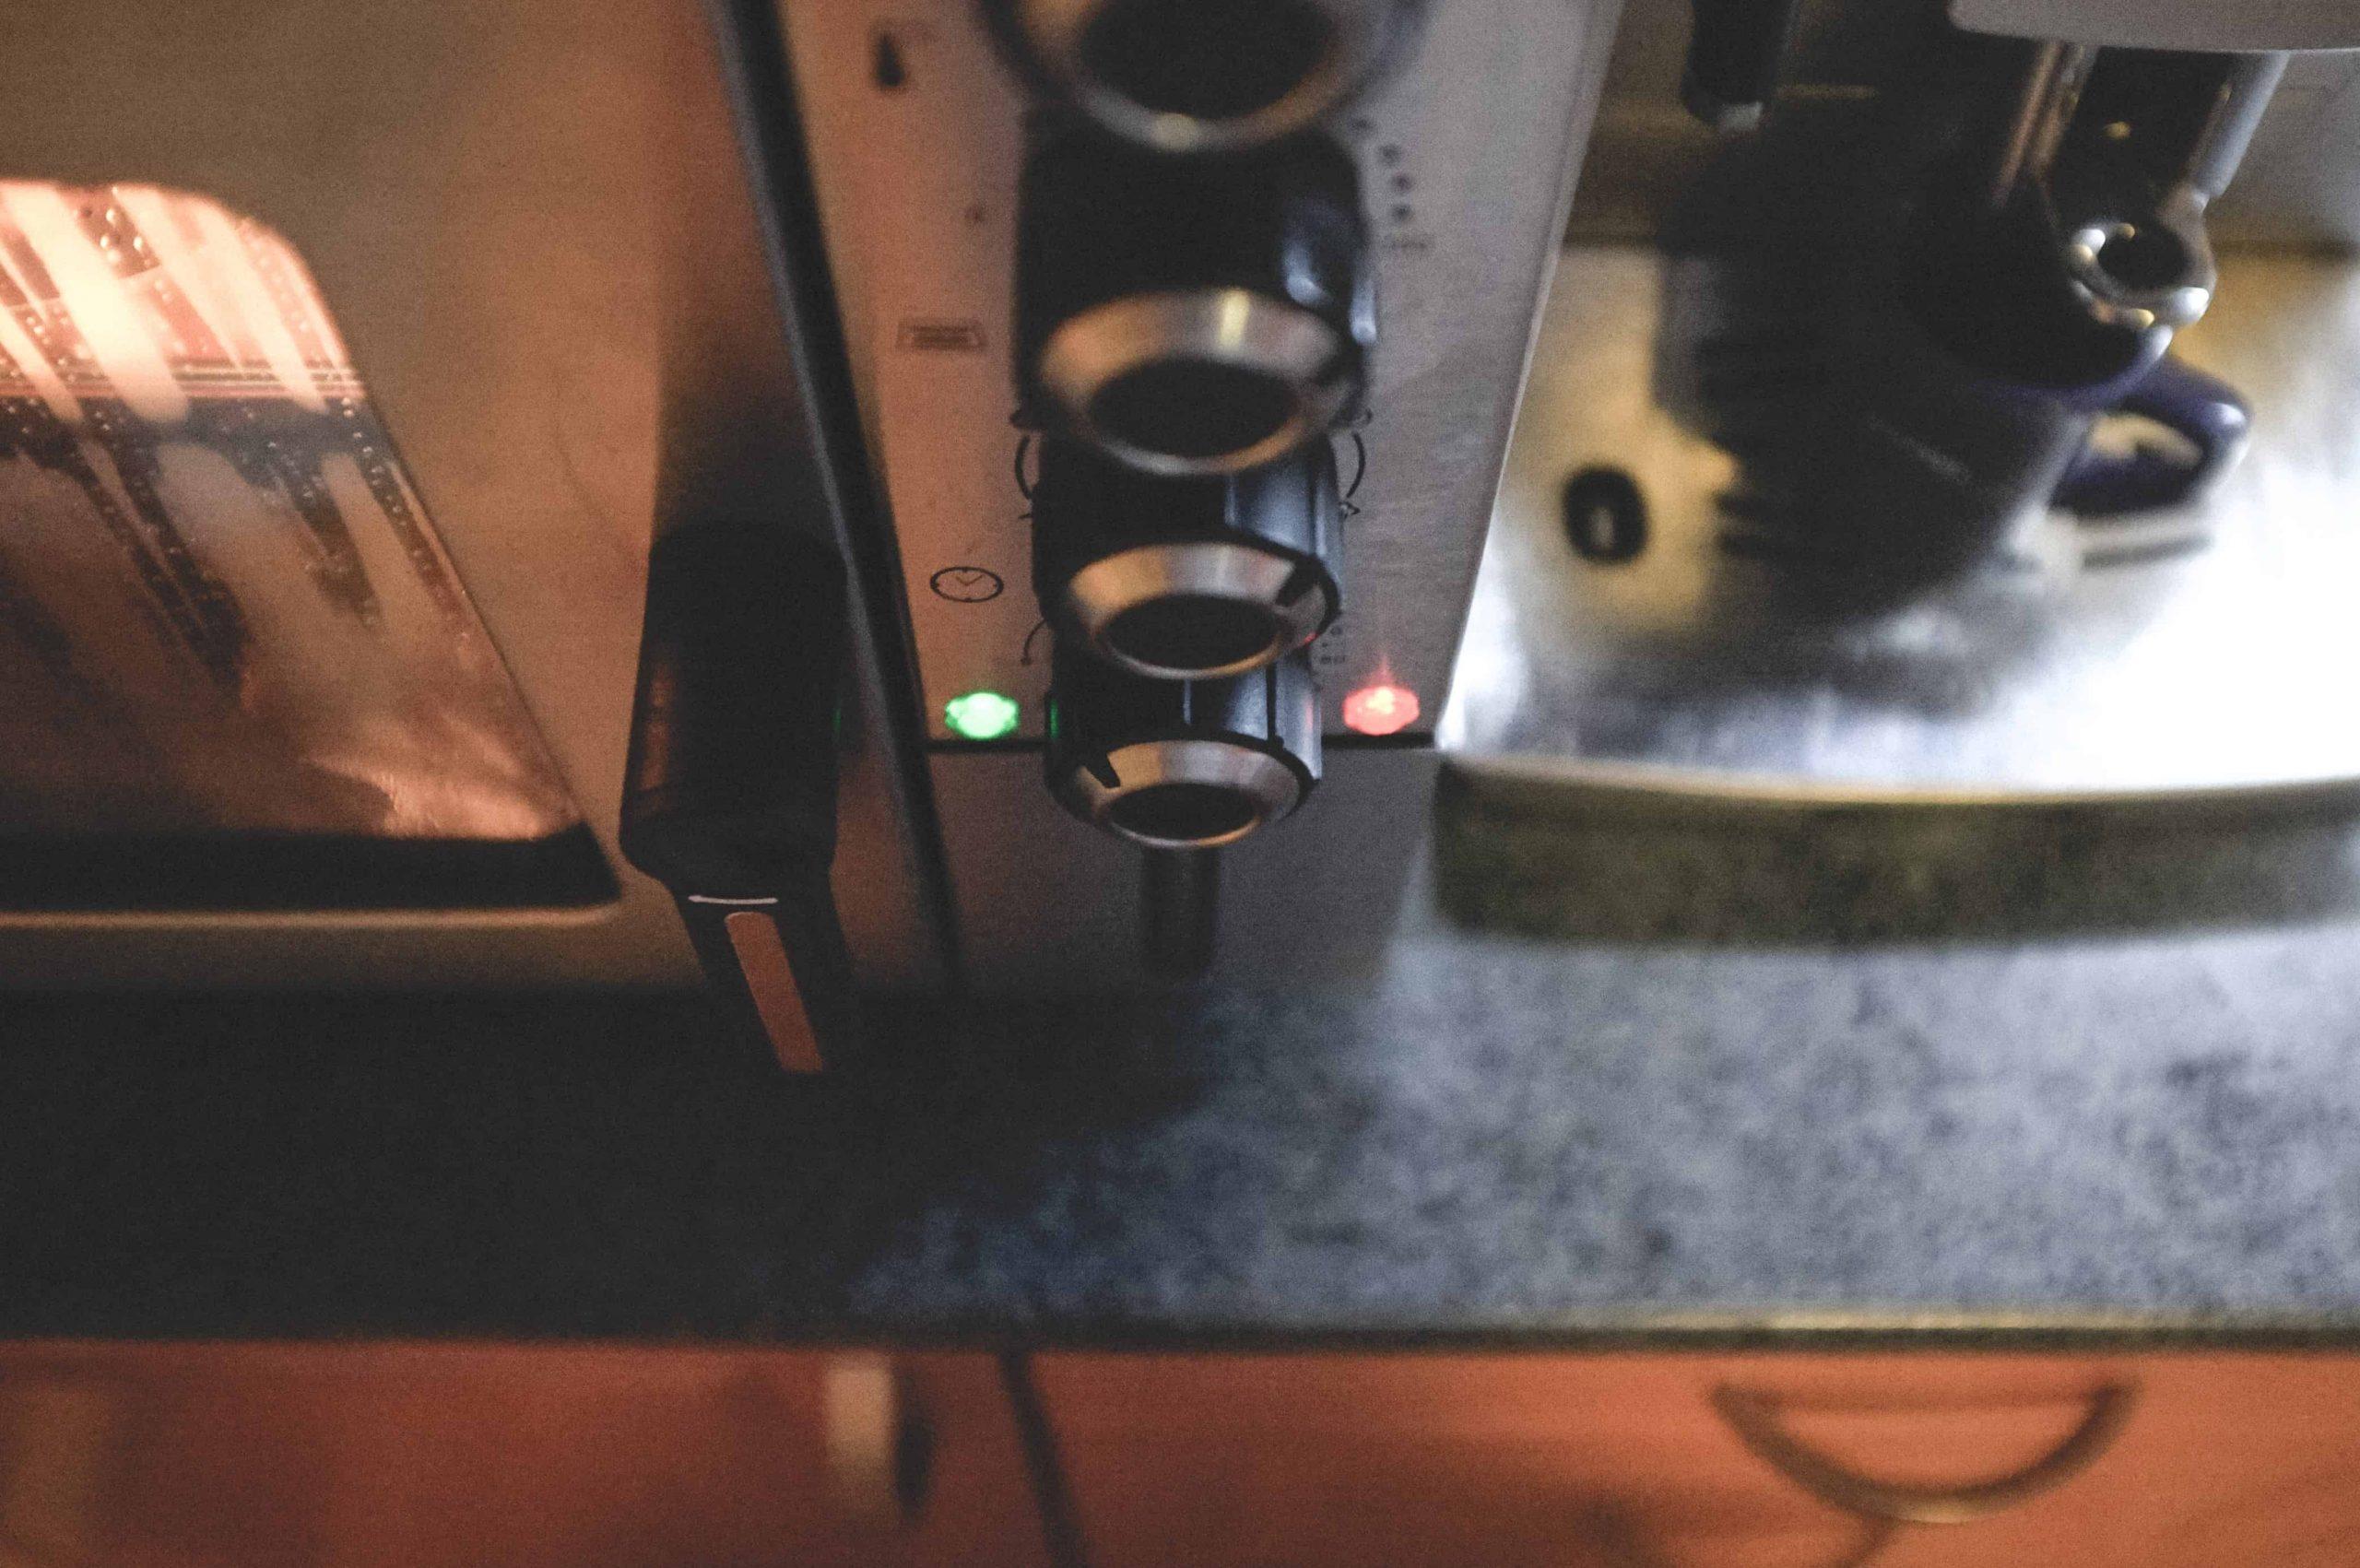 Mini four électrique - www.four-electrique.com votre guide et comparateur de four électrique